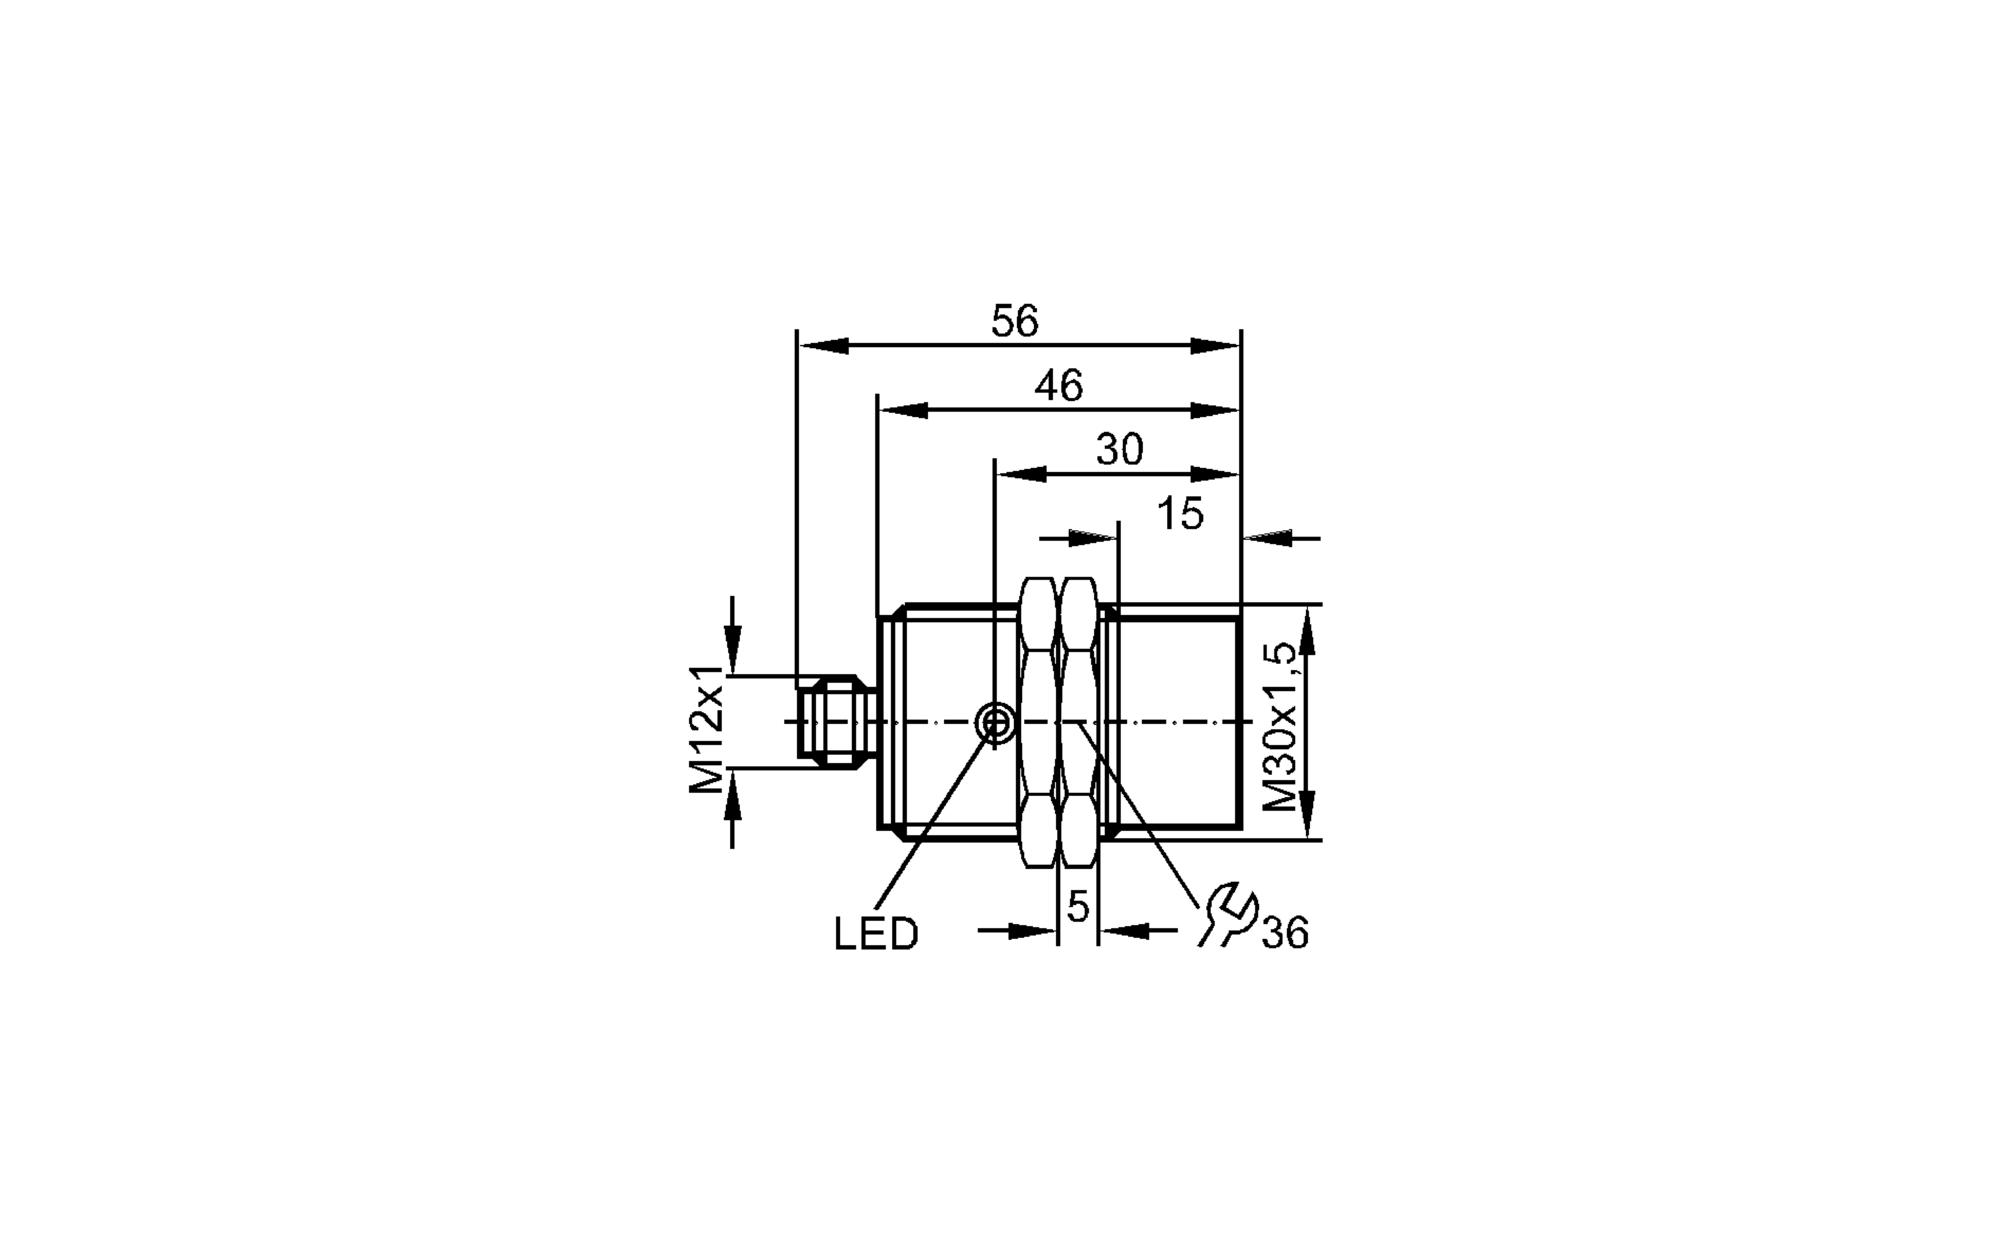 ii5430 - inductive sensor